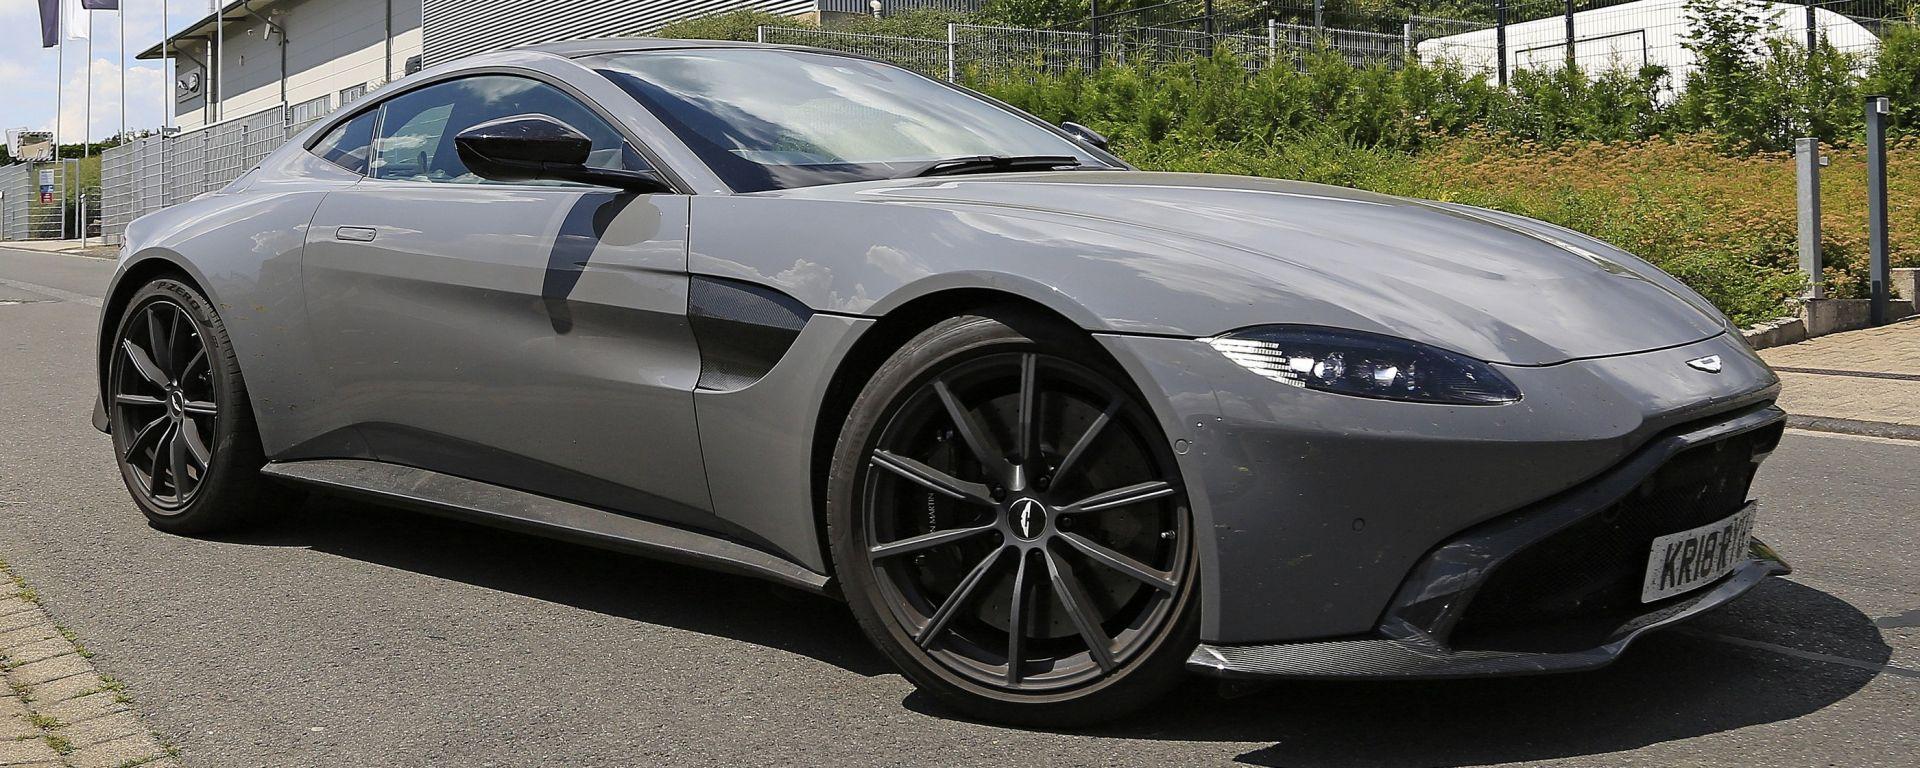 Aston Martin Vantage S: 550 CV dal fascino british